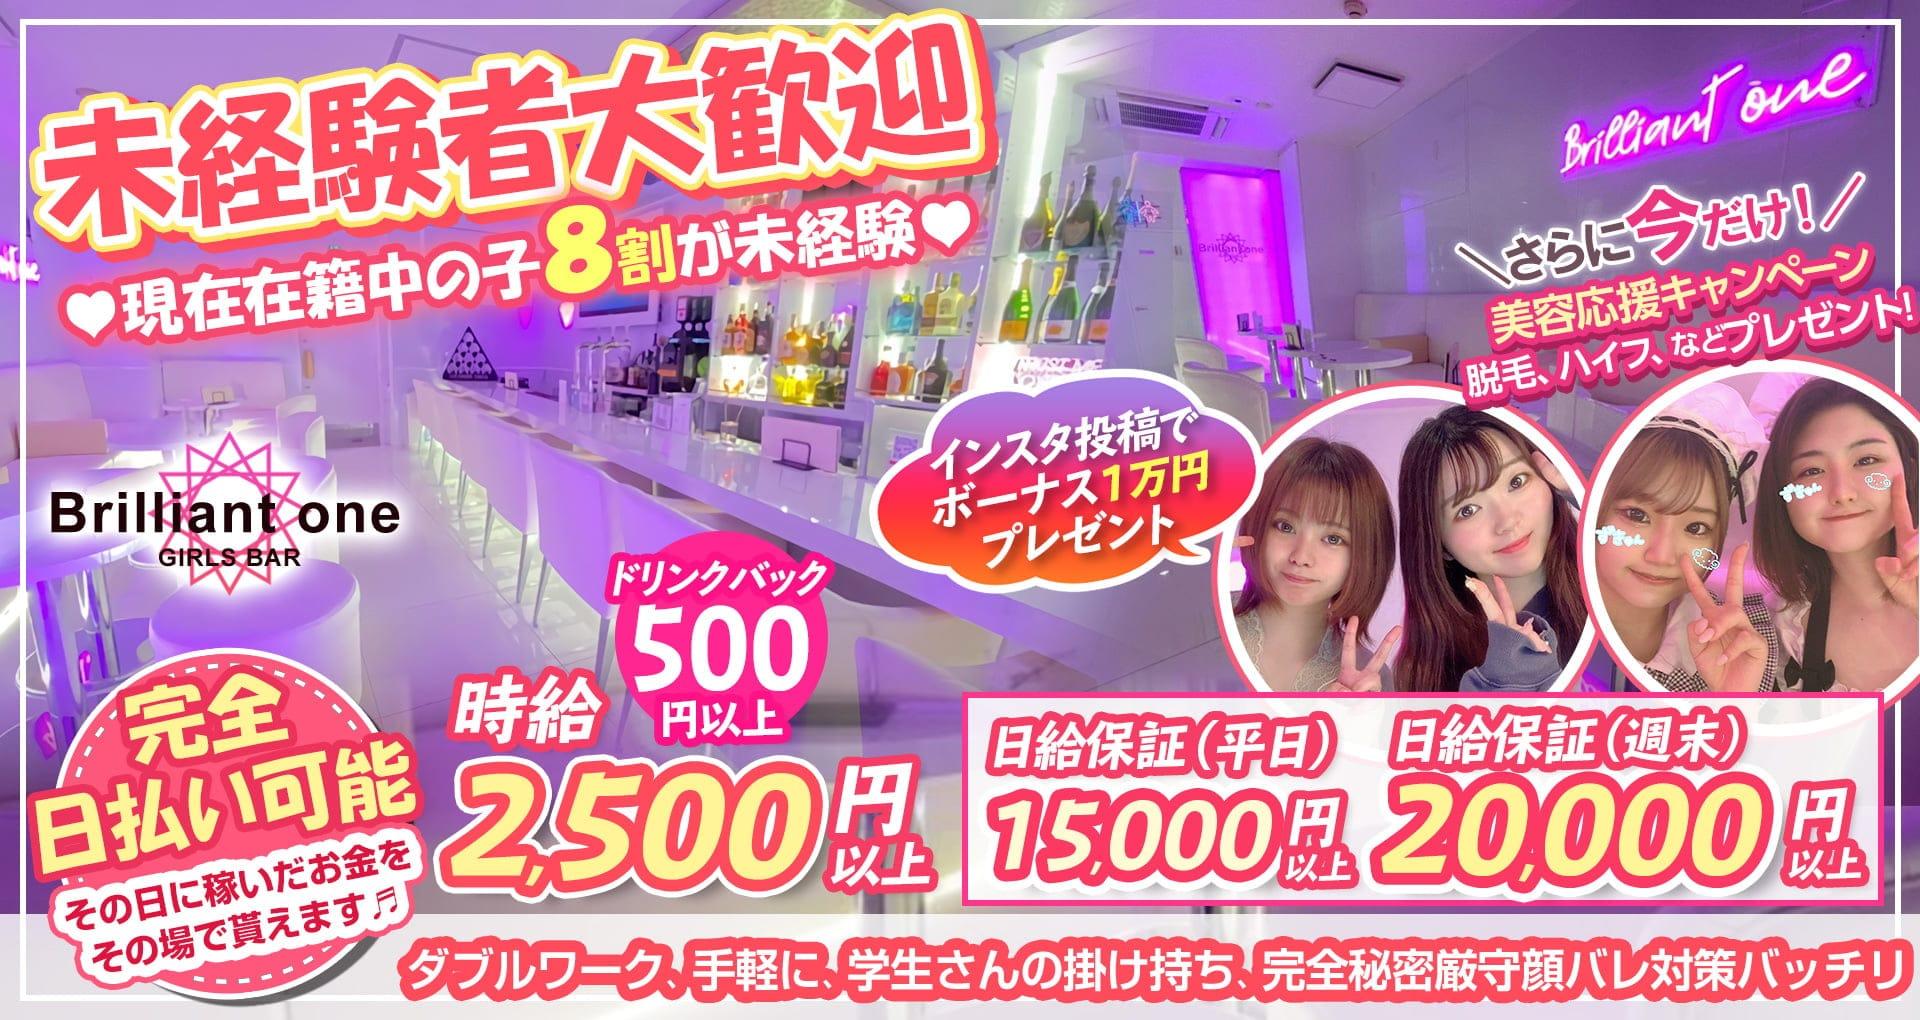 girls bar brilliant one(ブリリアントワン)【公式求人・体入情報】 千葉ガールズバー TOP画像